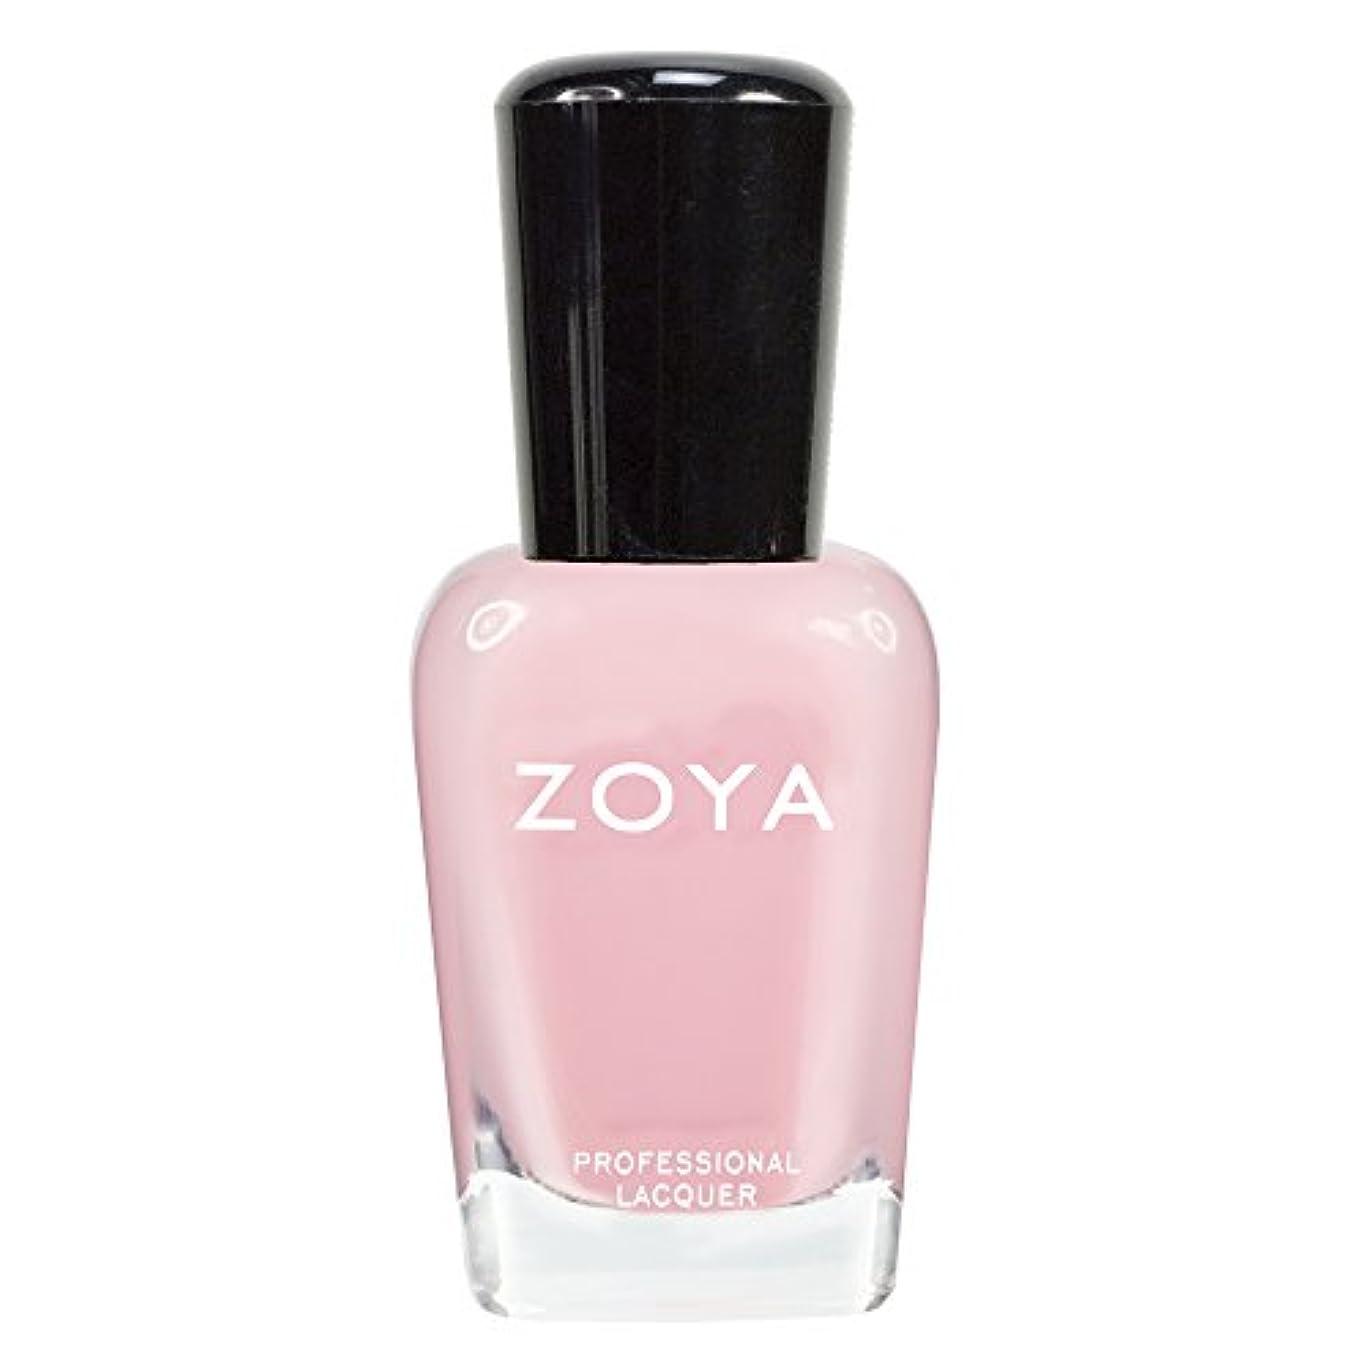 永久にシャイニングファンZOYA ゾーヤ ネイルカラーZP433 LAURIE ローリー 15ml 可愛く色づく桜の花ようなピンク シアー/クリーム 爪にやさしいネイルラッカーマニキュア